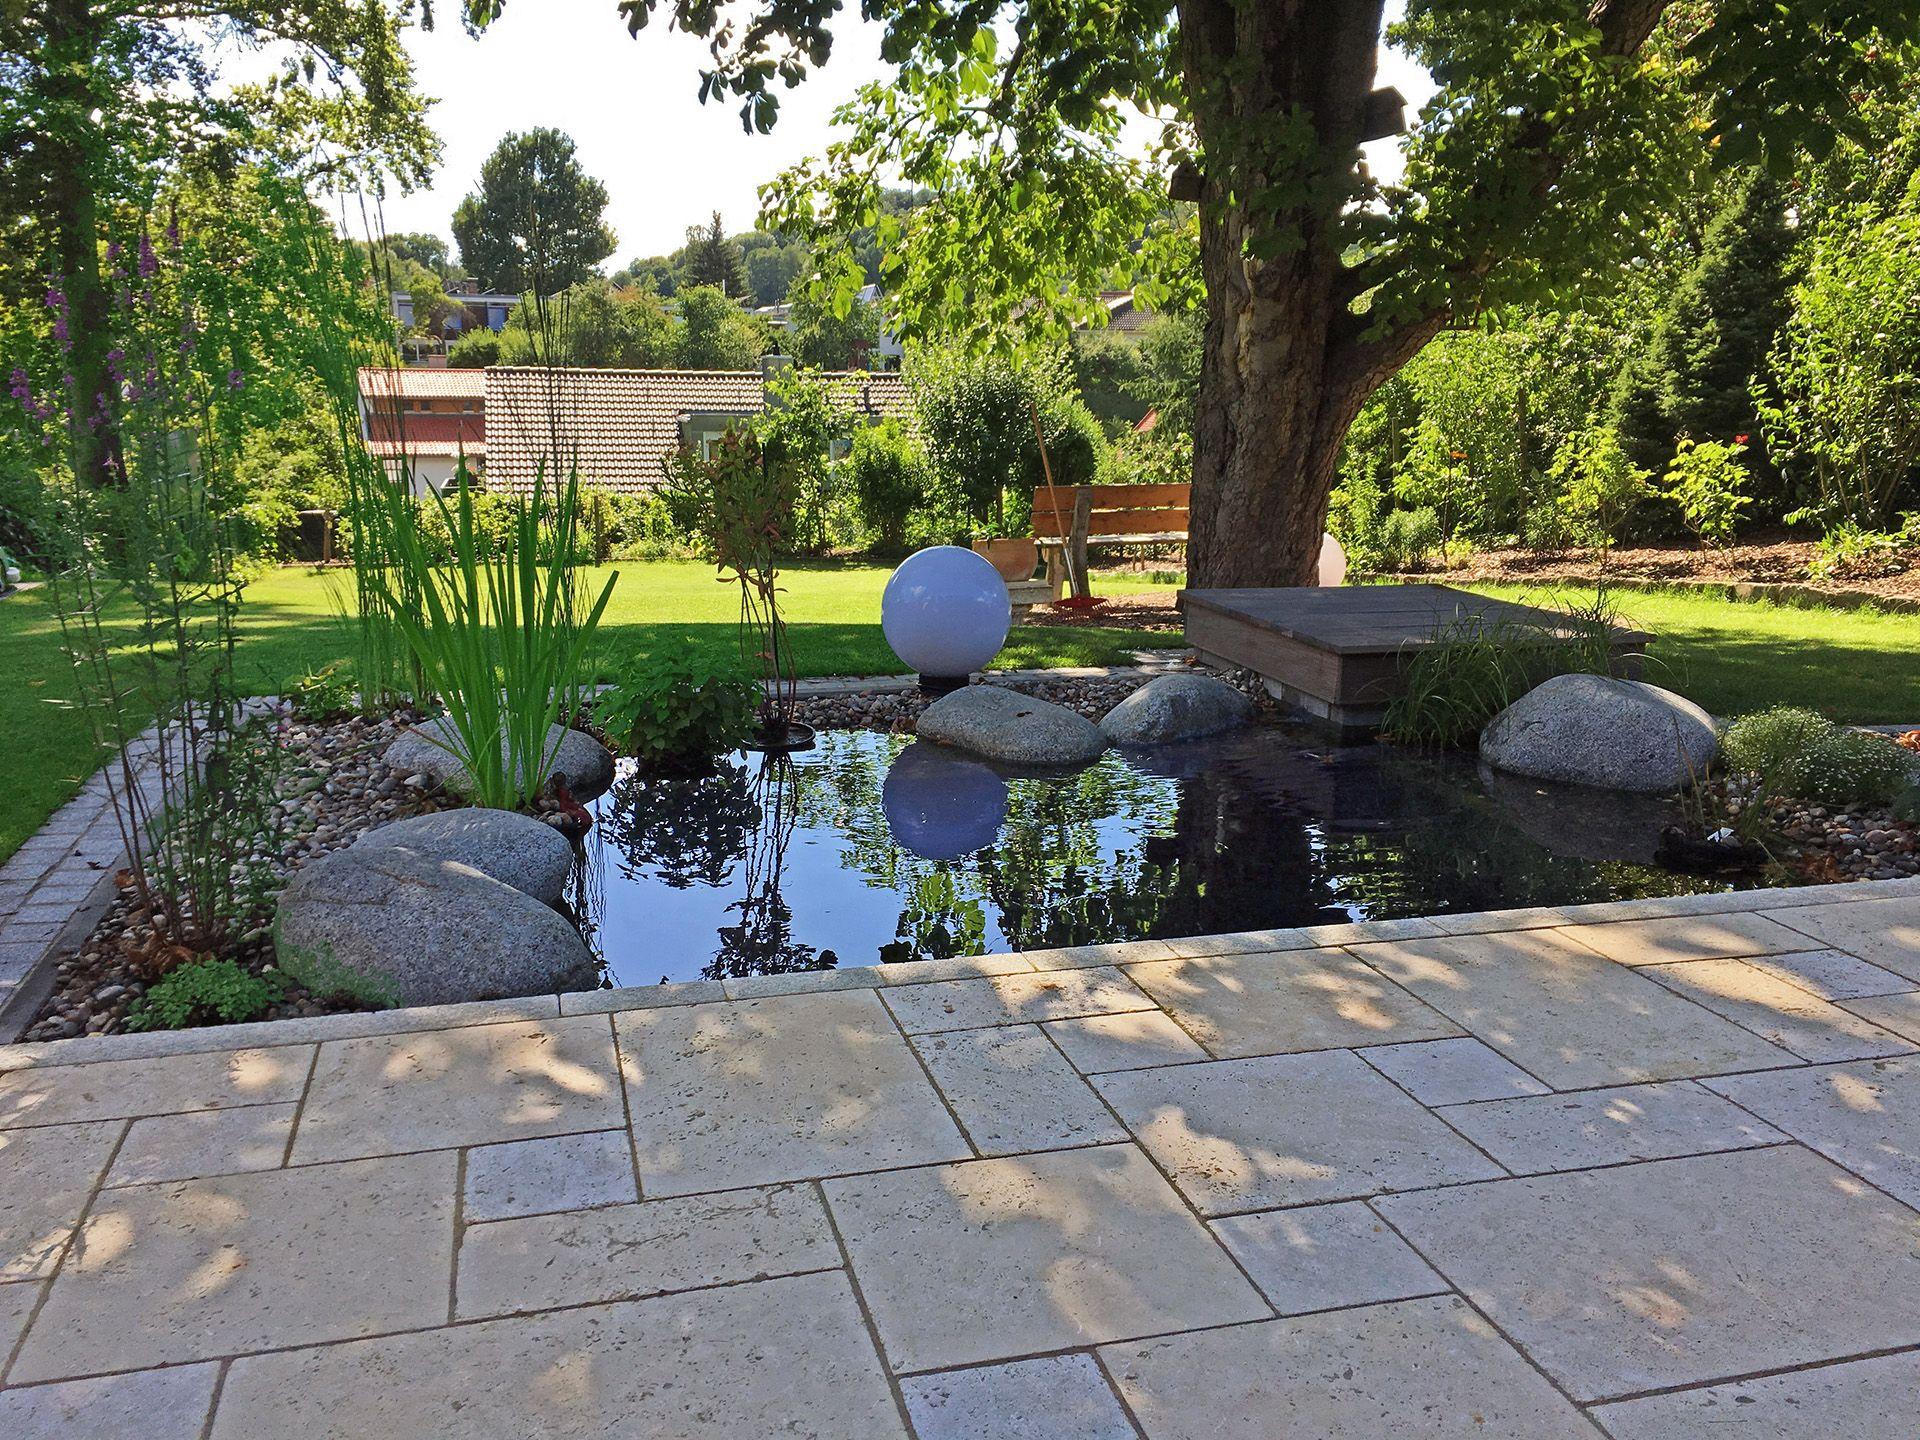 Kleiner Gartenteich An Einer Terrasse Aus Travertin Ein Referenzbild Der Rauch Gaten Und Landschaftsbau Gbr Gartenteich Kleiner Garten Garten